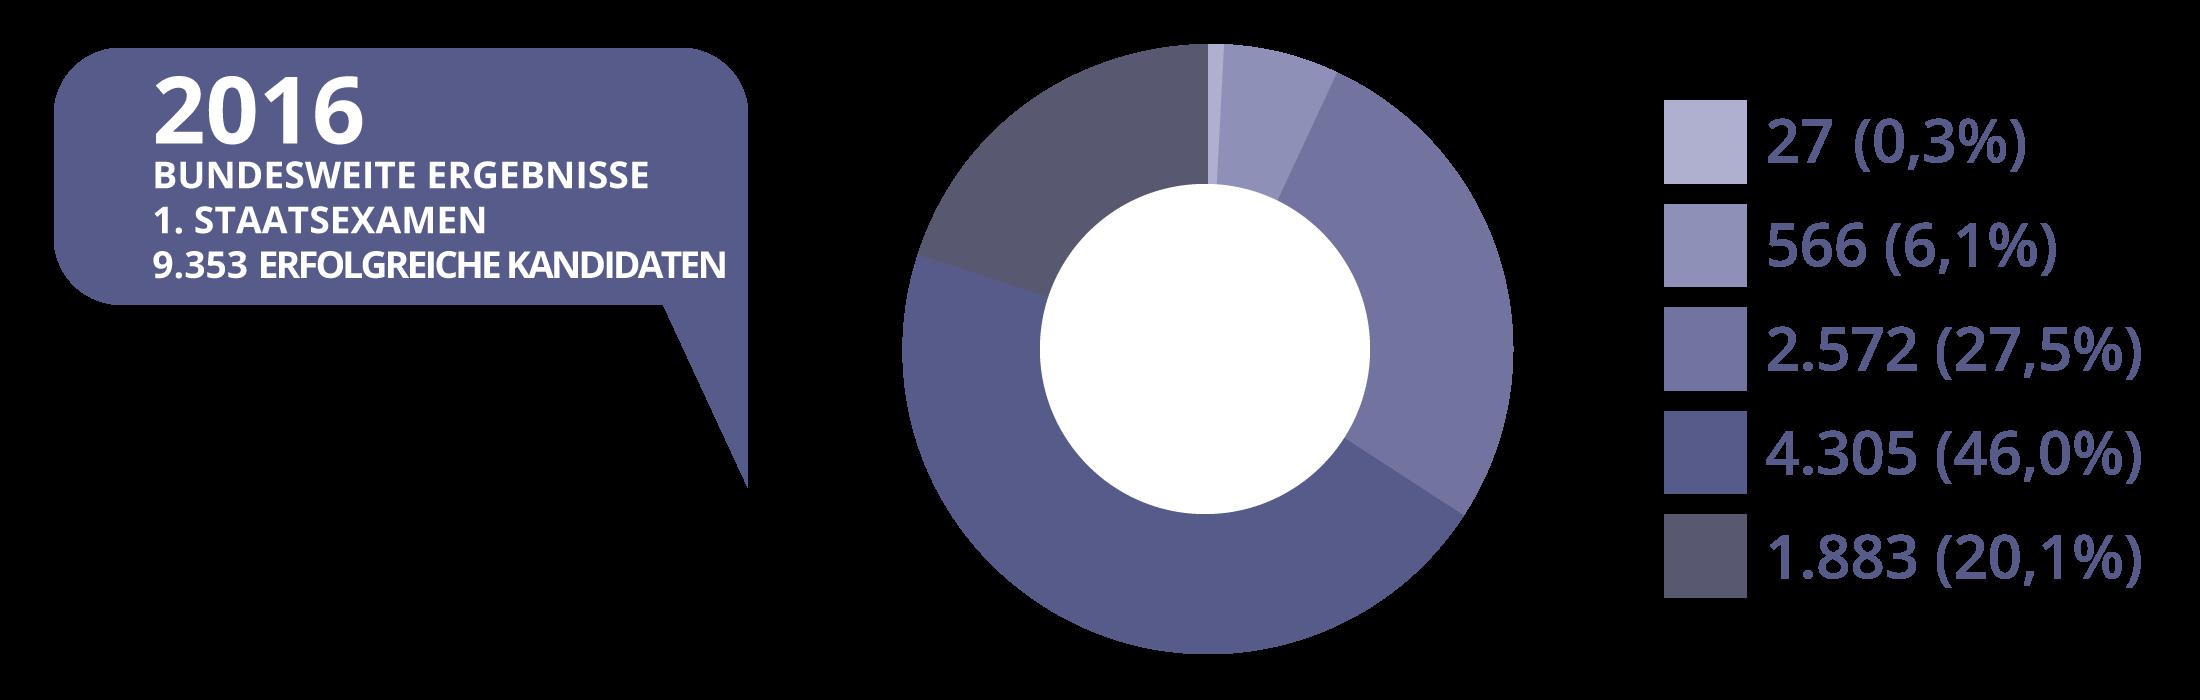 JurCase - Kreisdiagramm - 2016- Ergebnisse Erstes Staatsexamen A